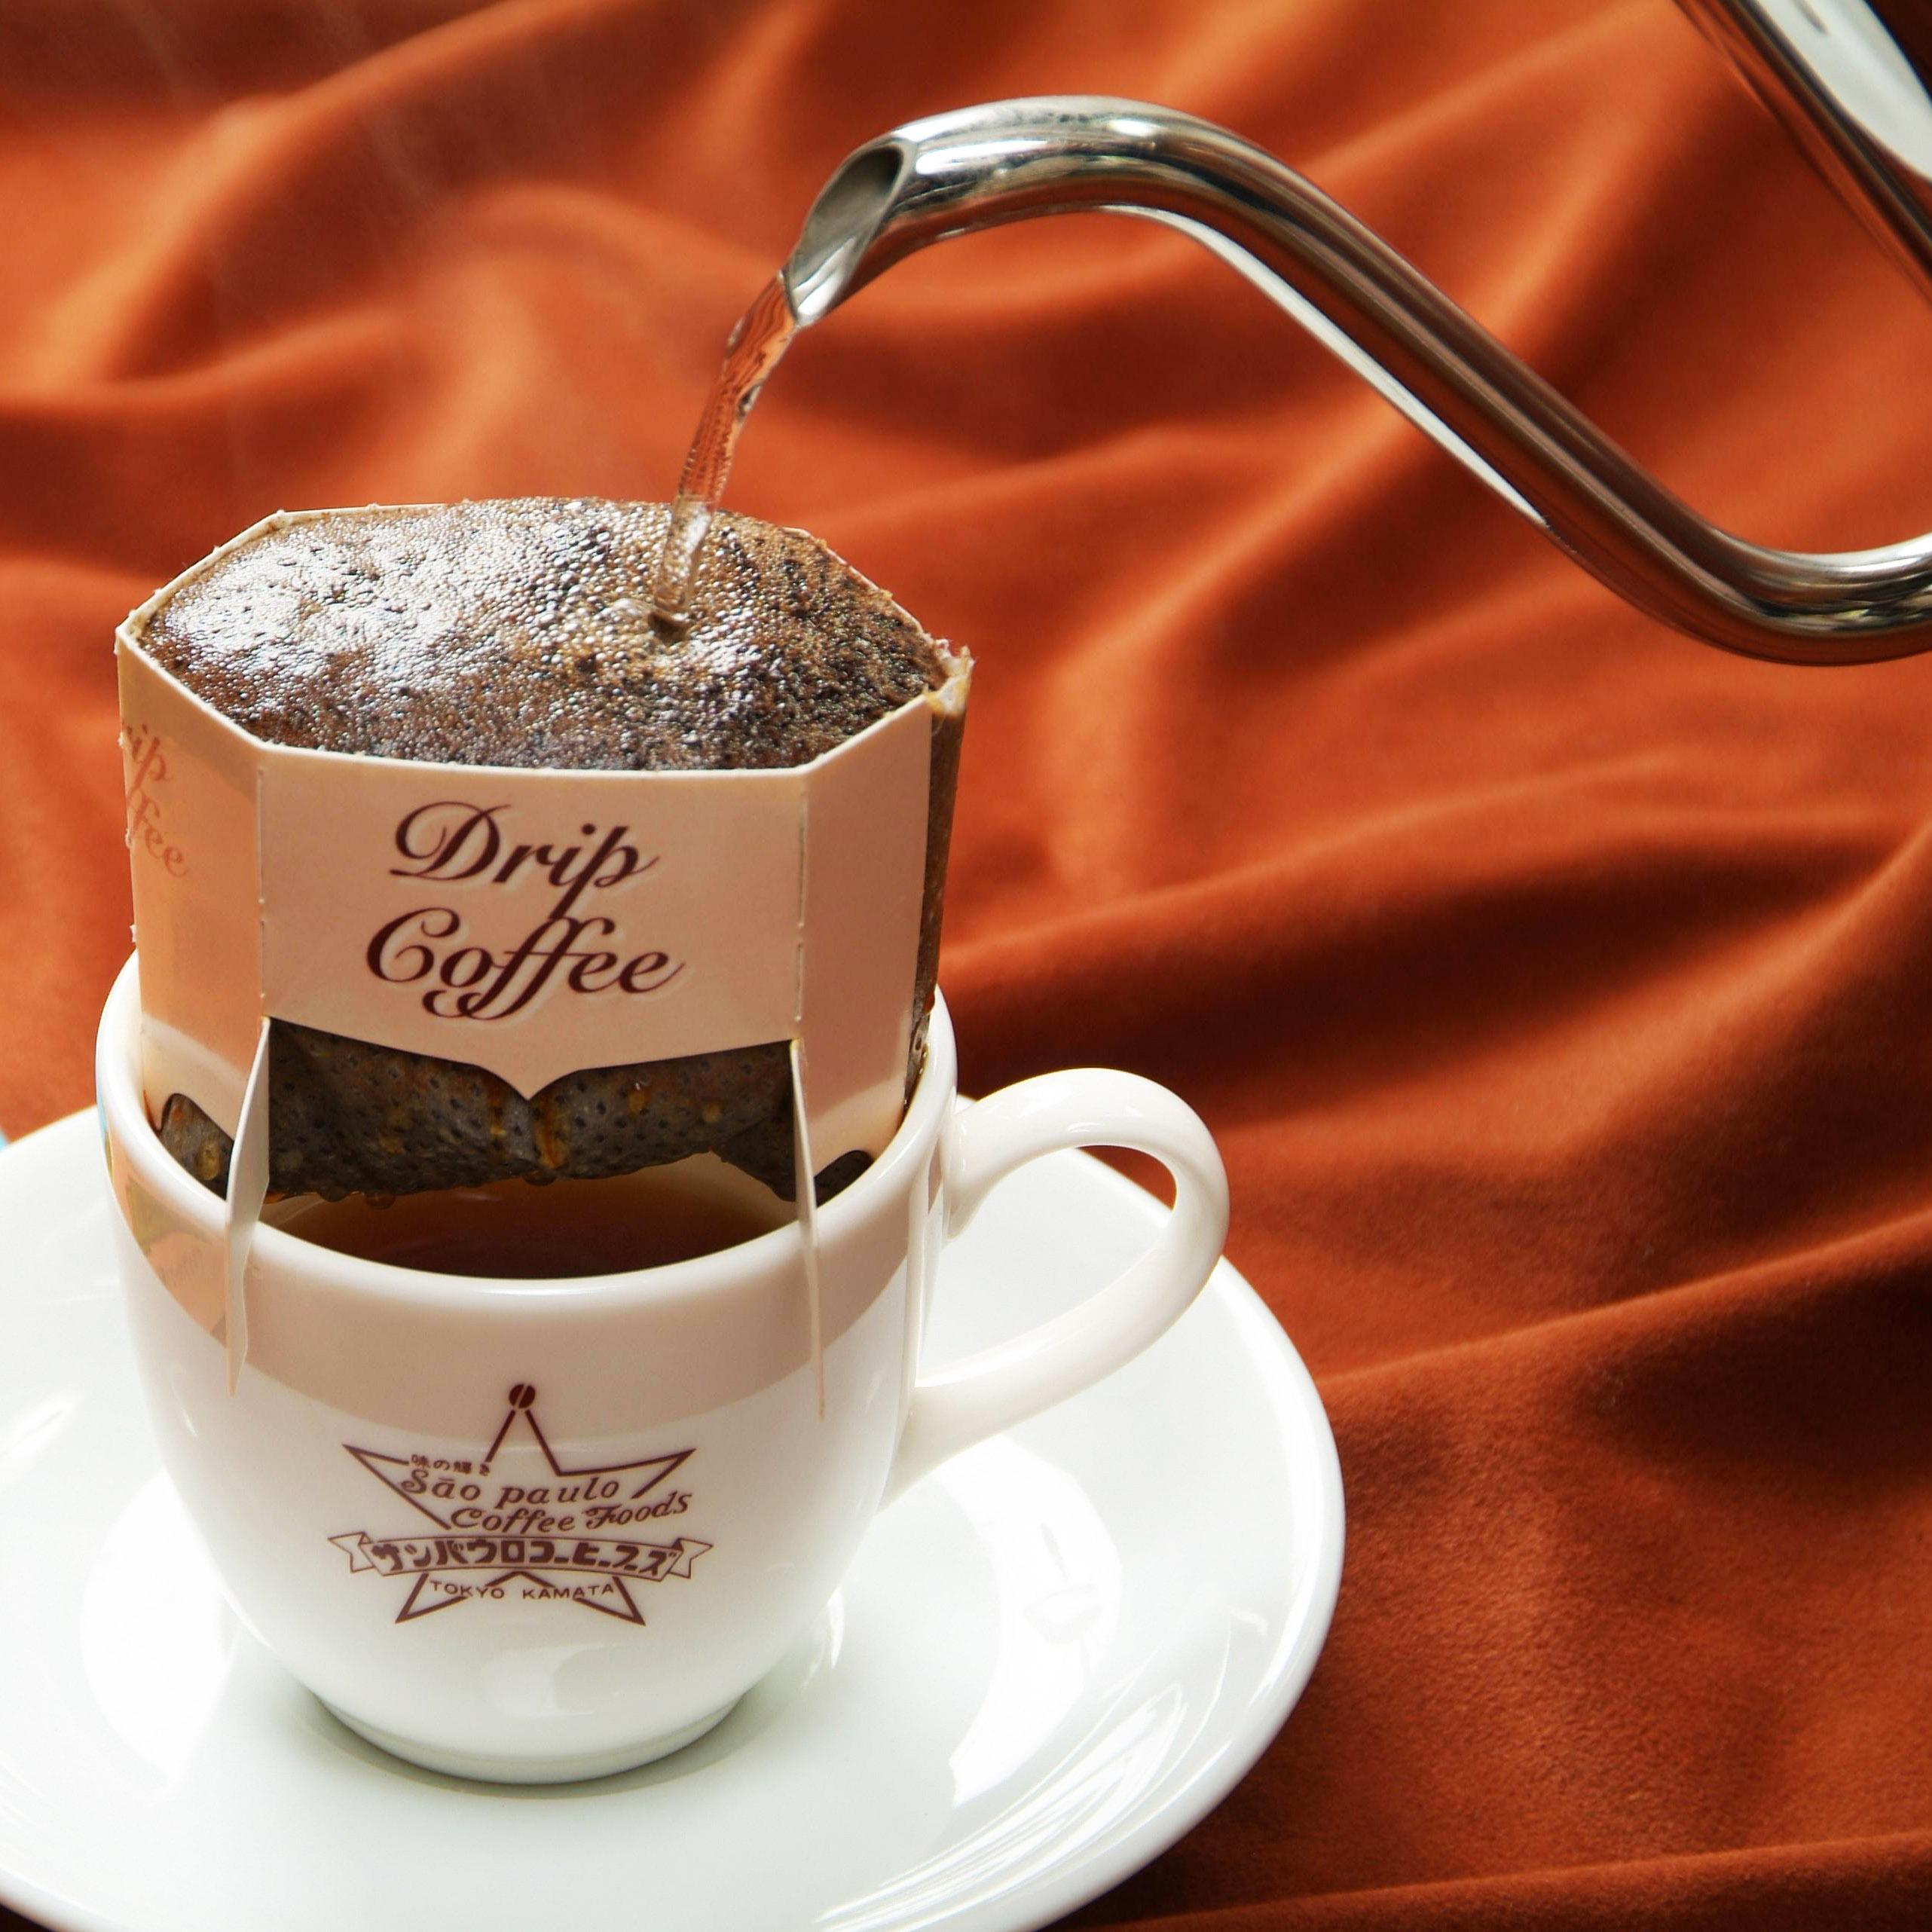 ギフト ドリップコーヒー詰合せ スペシャルティコーヒー30杯分【ポイント10倍】